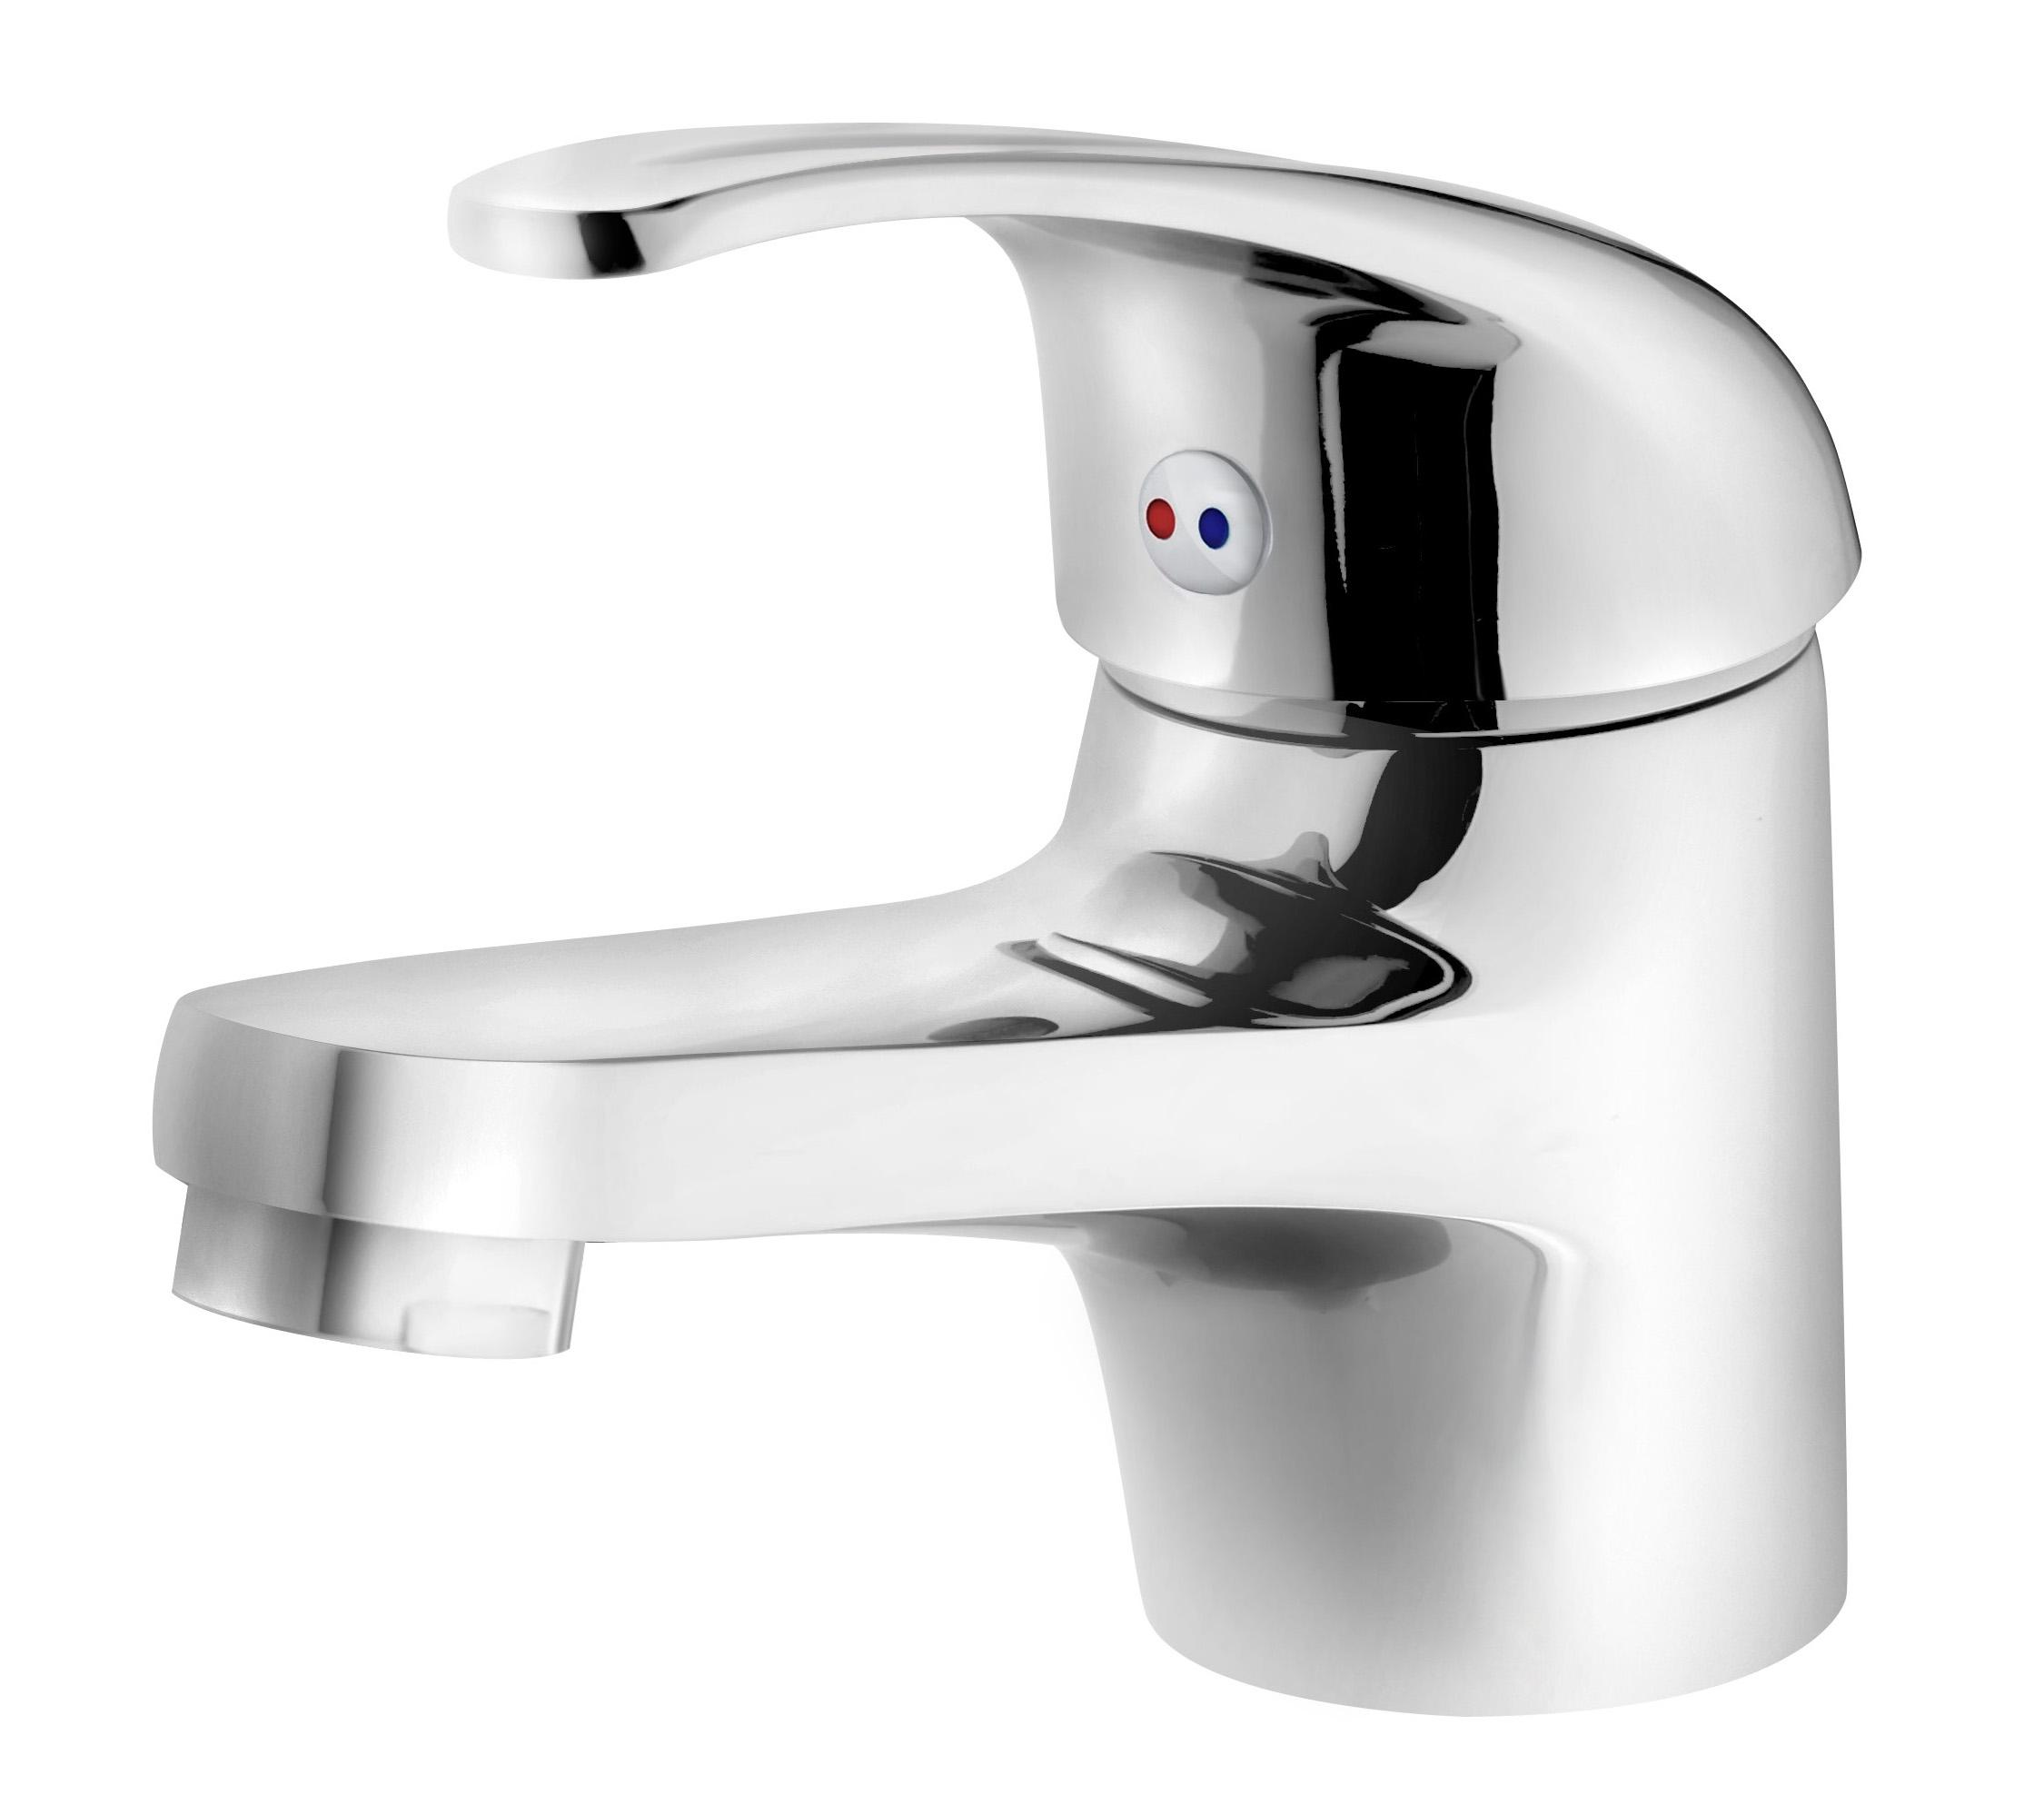 Waschtisch waschbecken einhand armatur wasserhahn for Armatur wasserfall